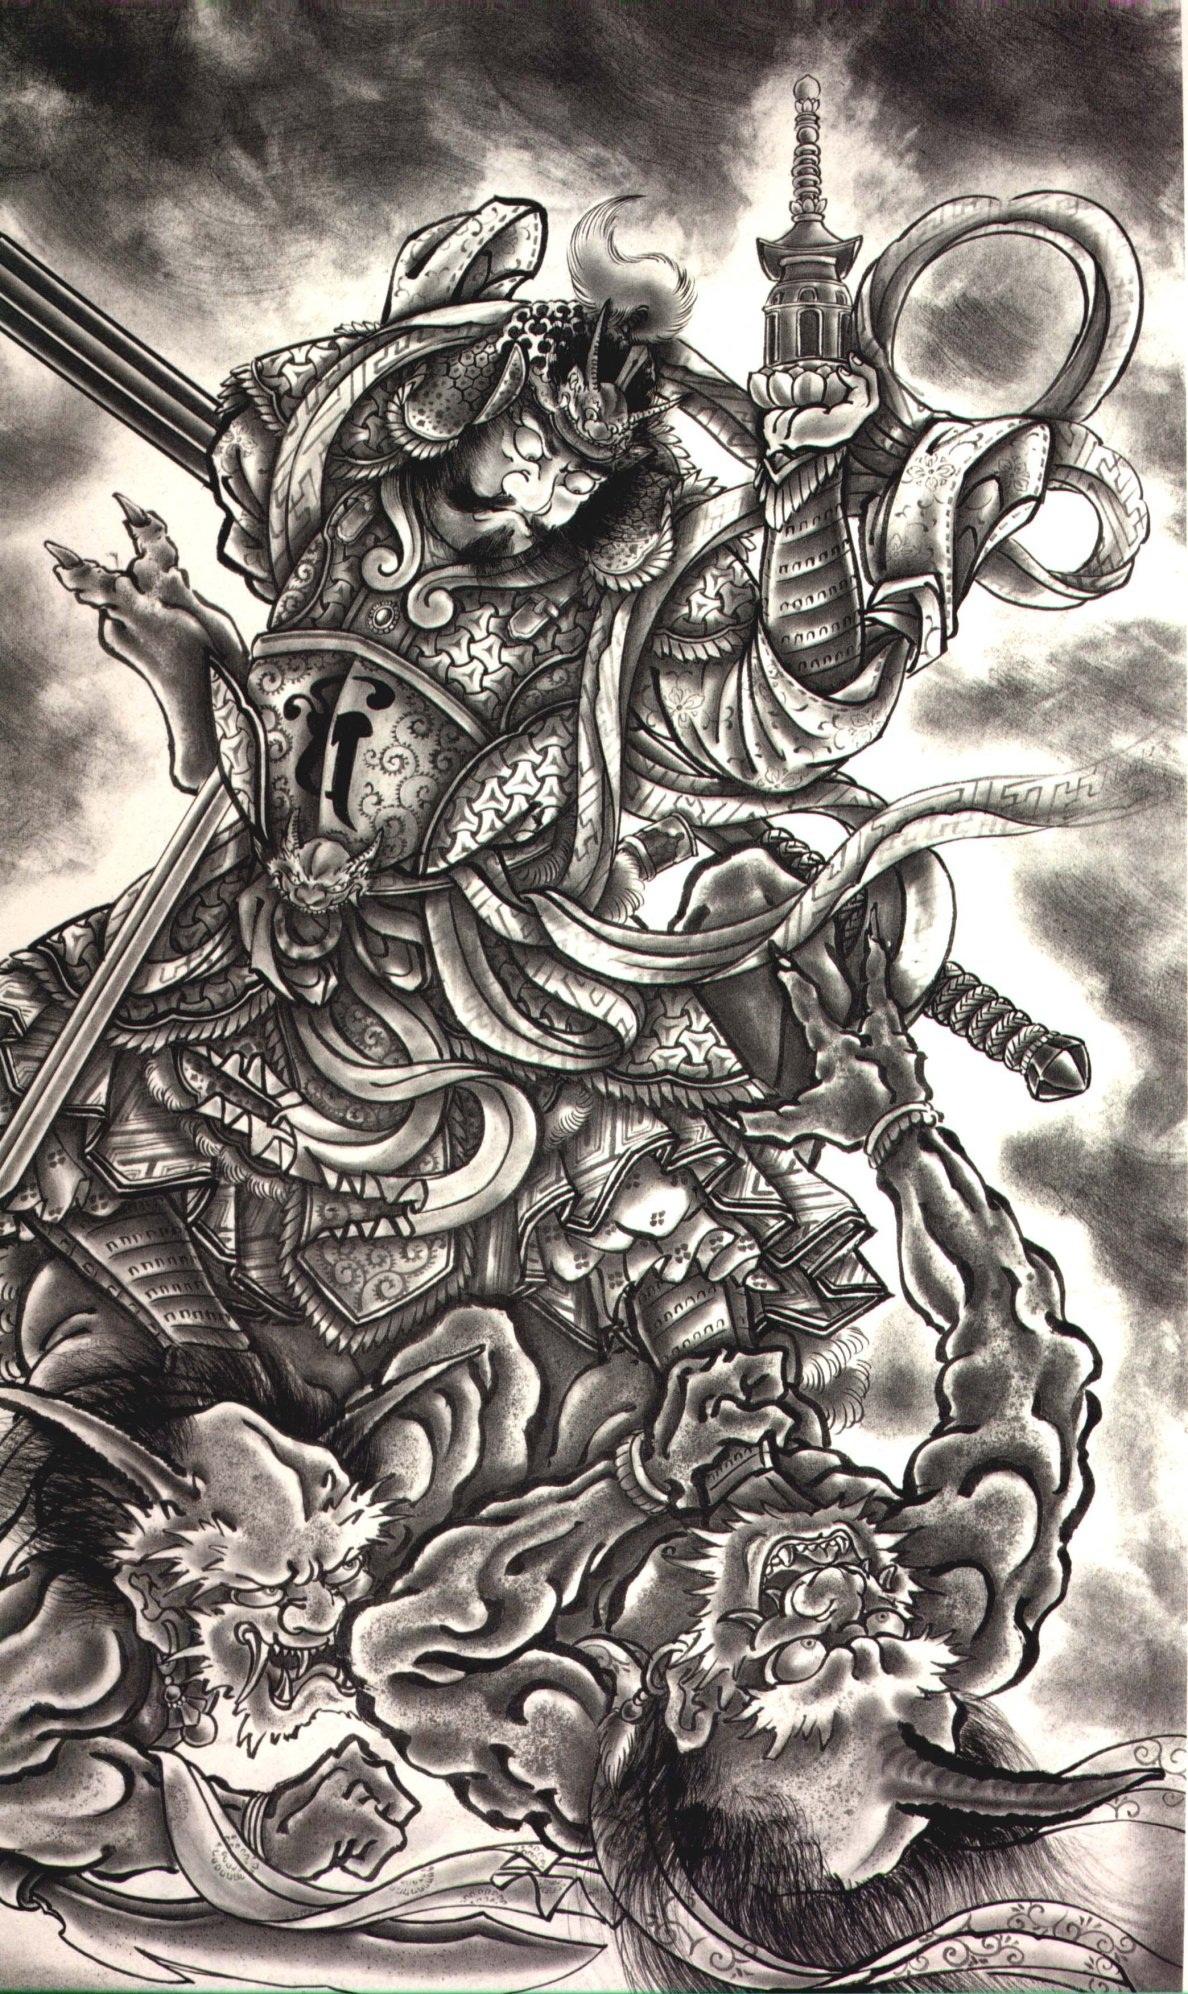 Thetattoocollection Horiyoshi Iii Demons Japanese Tattoo 100 Of 198 Horiyoshi Iii Demons